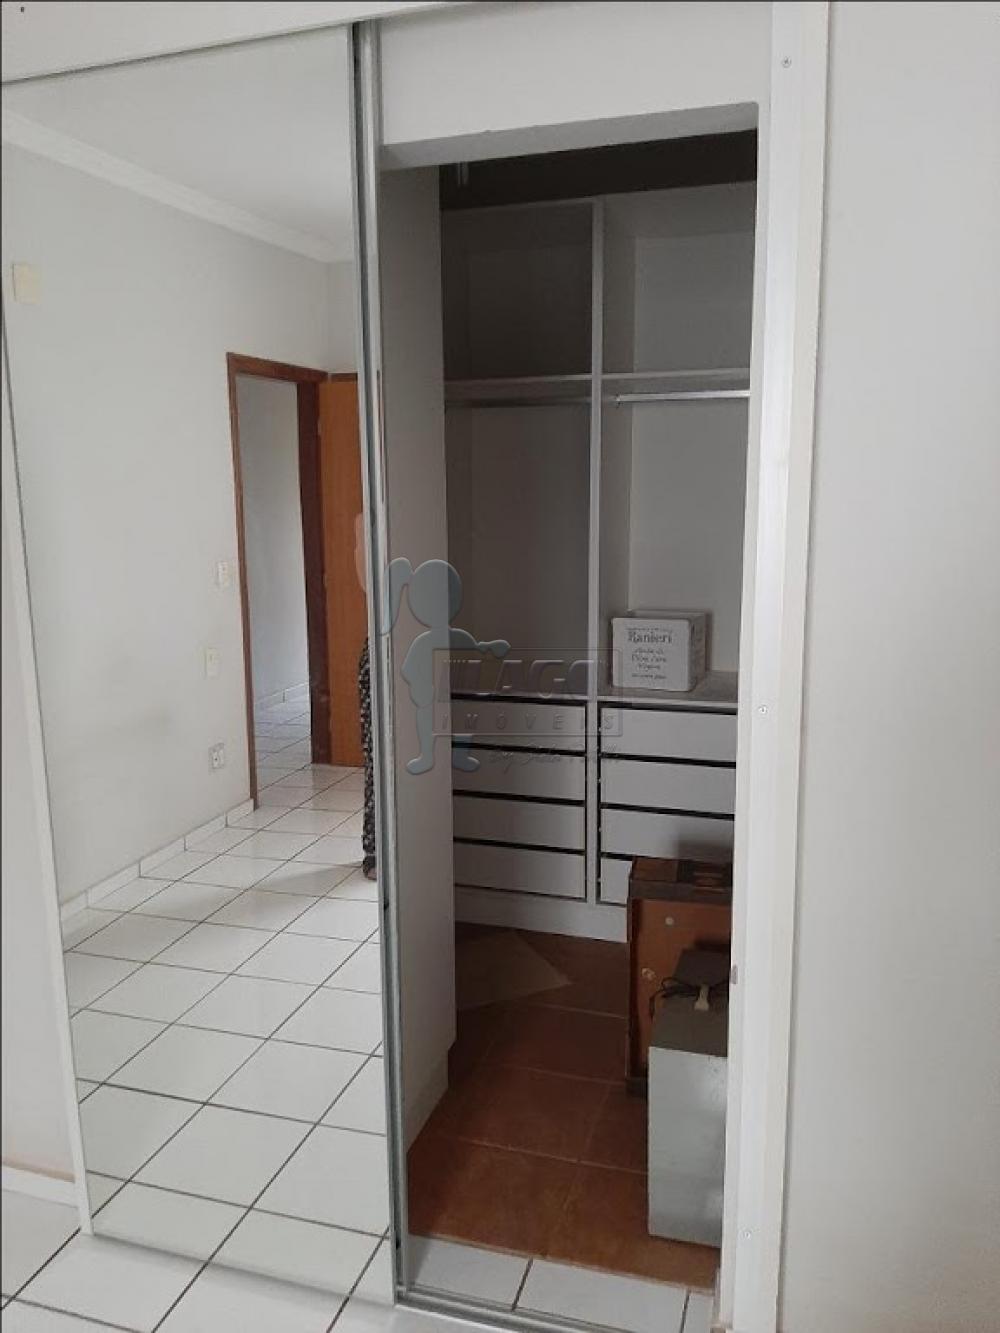 Comprar Casas / Padrão em Ribeirão Preto apenas R$ 490.000,00 - Foto 14